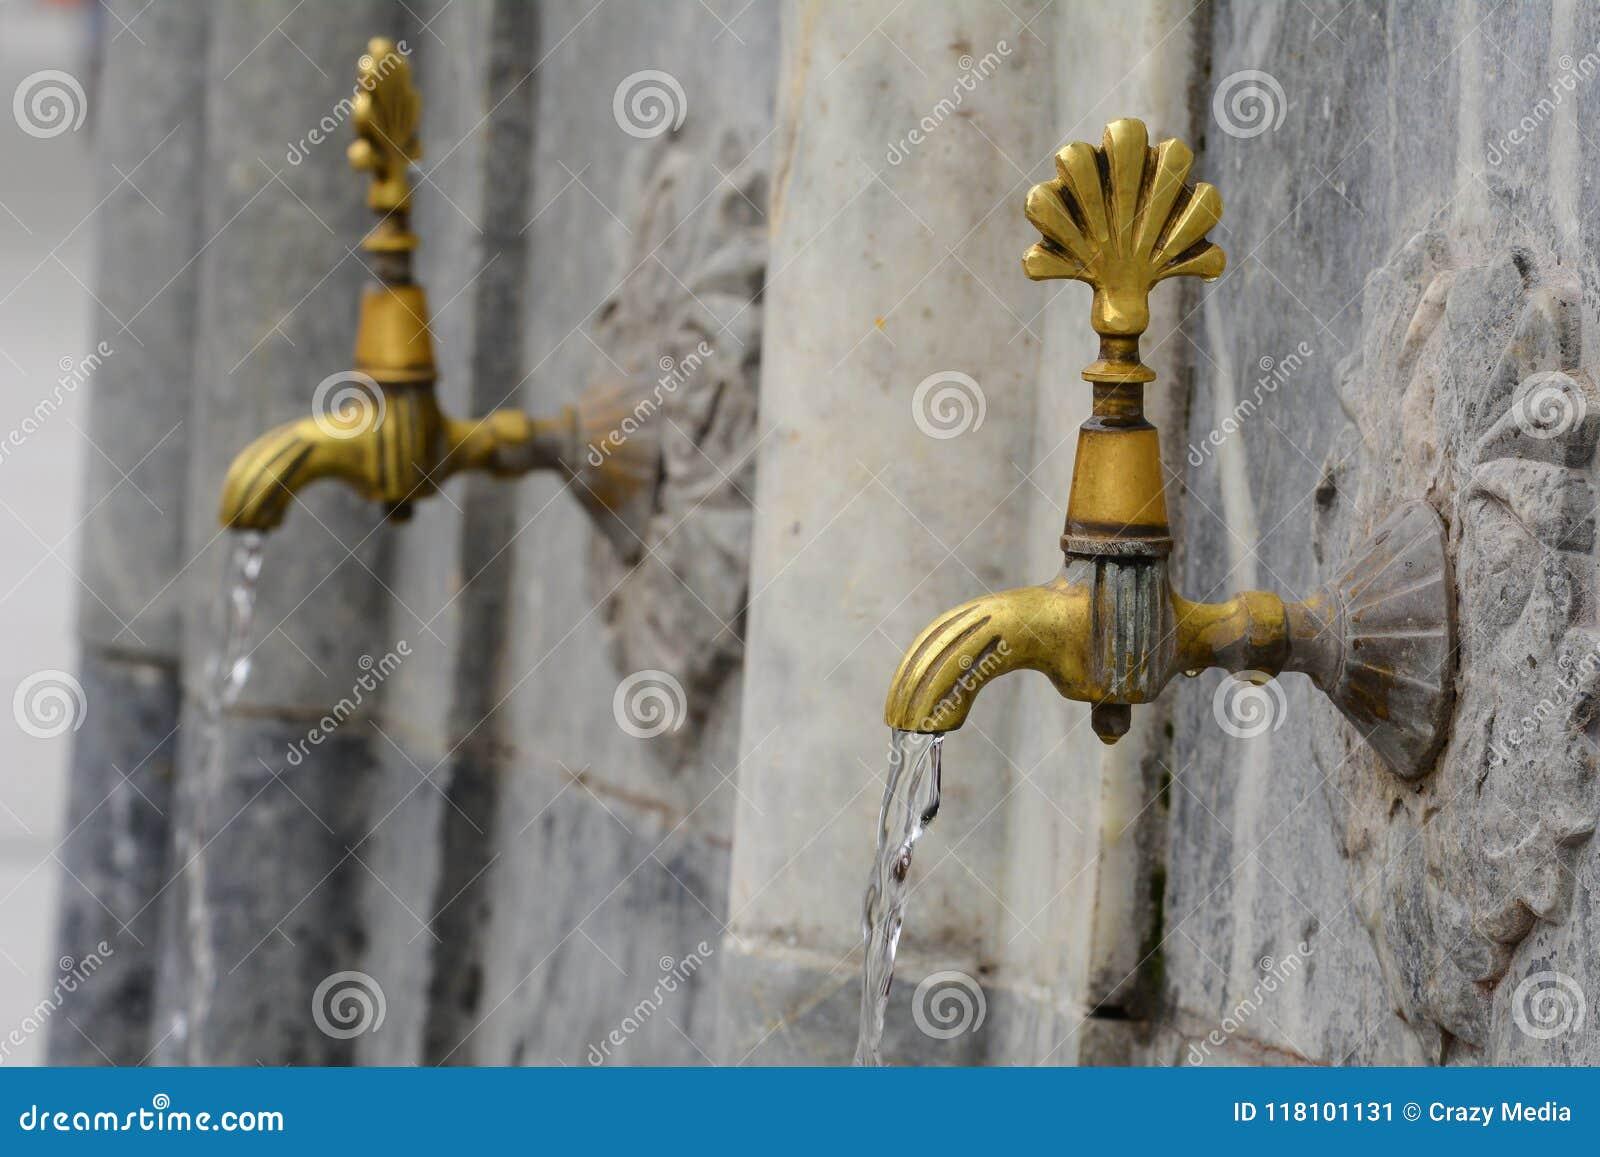 Águas que fluem das torneiras do torneira